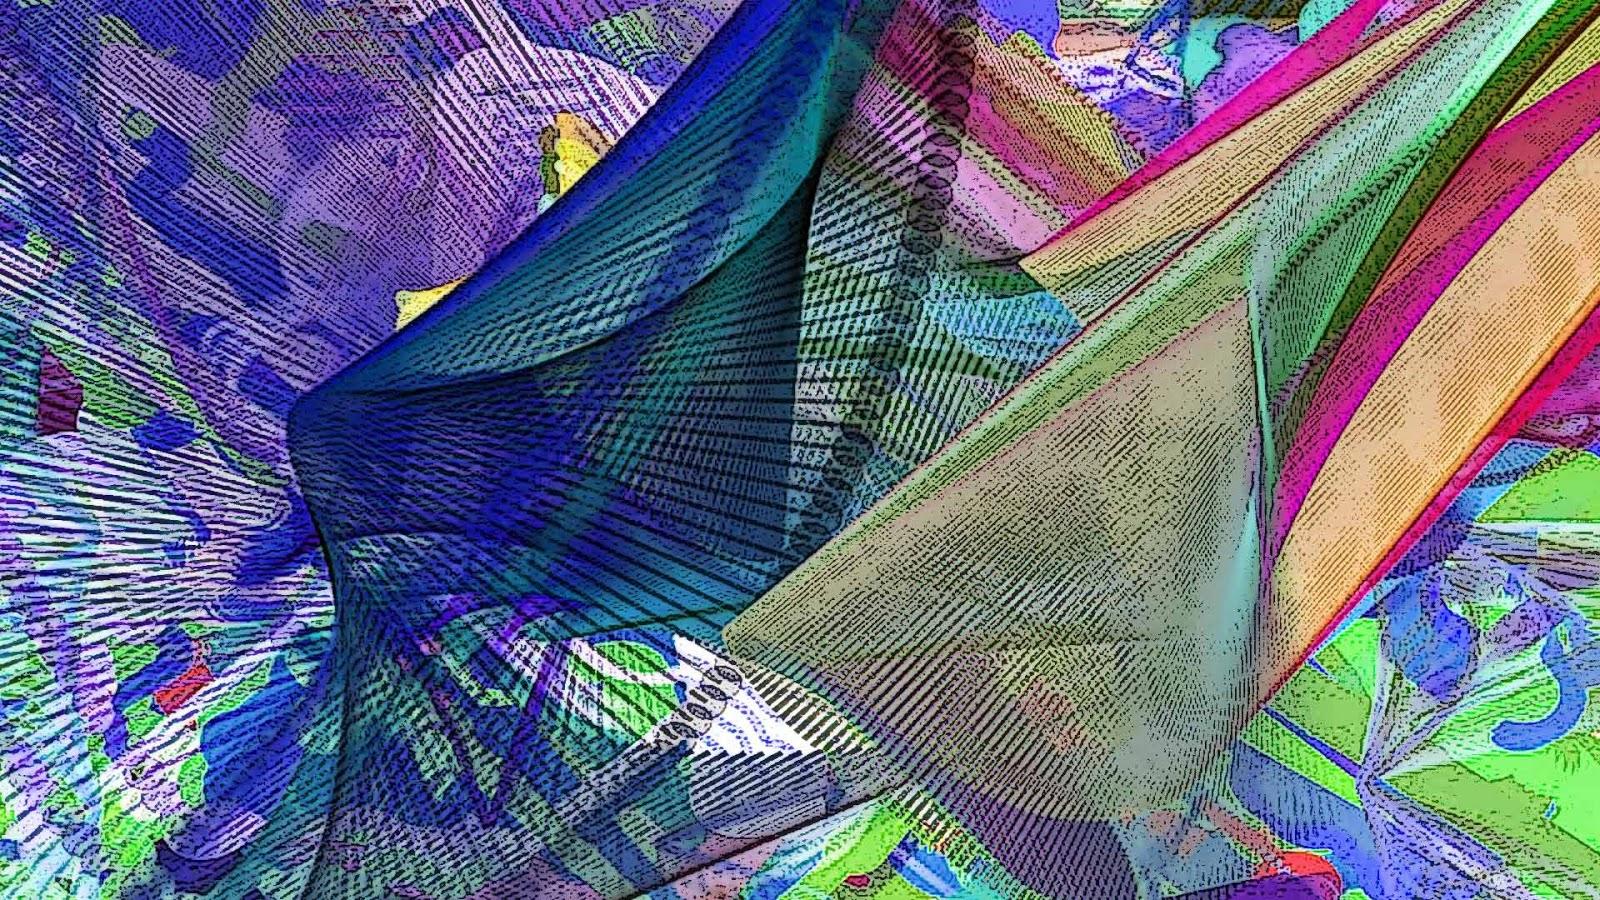 Digitalmatt blog sfondi desktop astratti linee colorate for Sfondi per desktop colorati